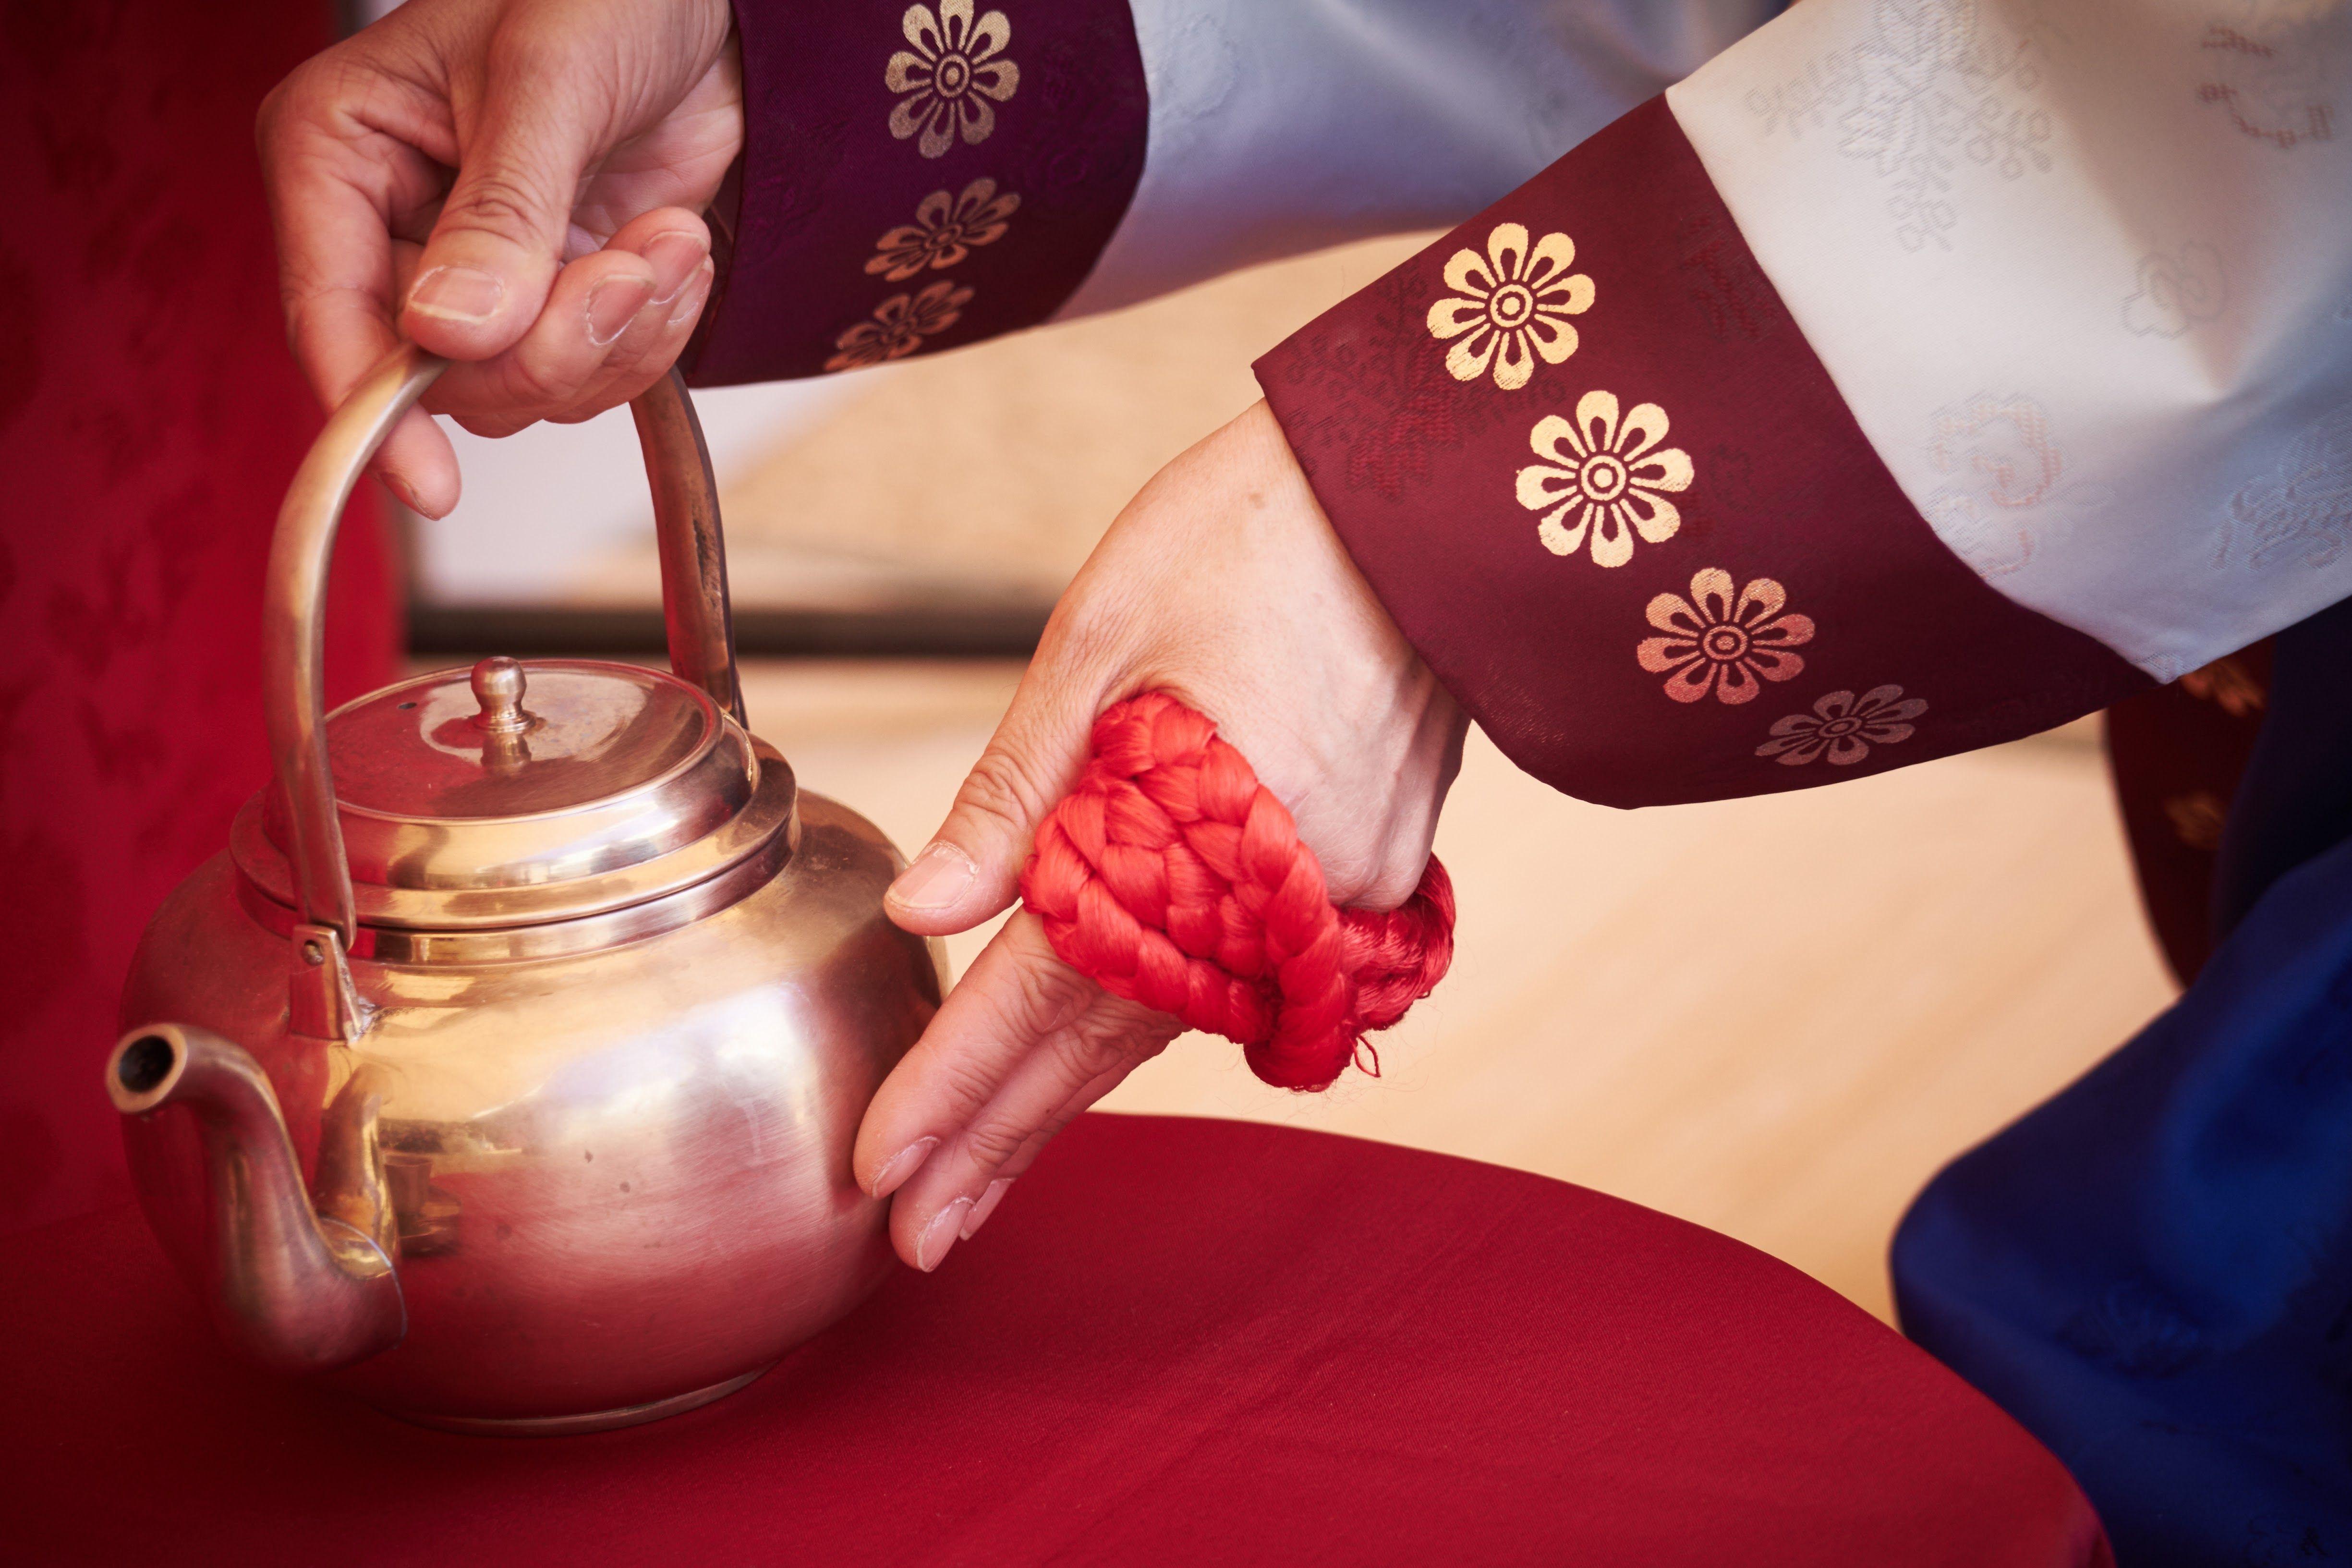 전통 혼례 - 합근지례(合巹之禮)